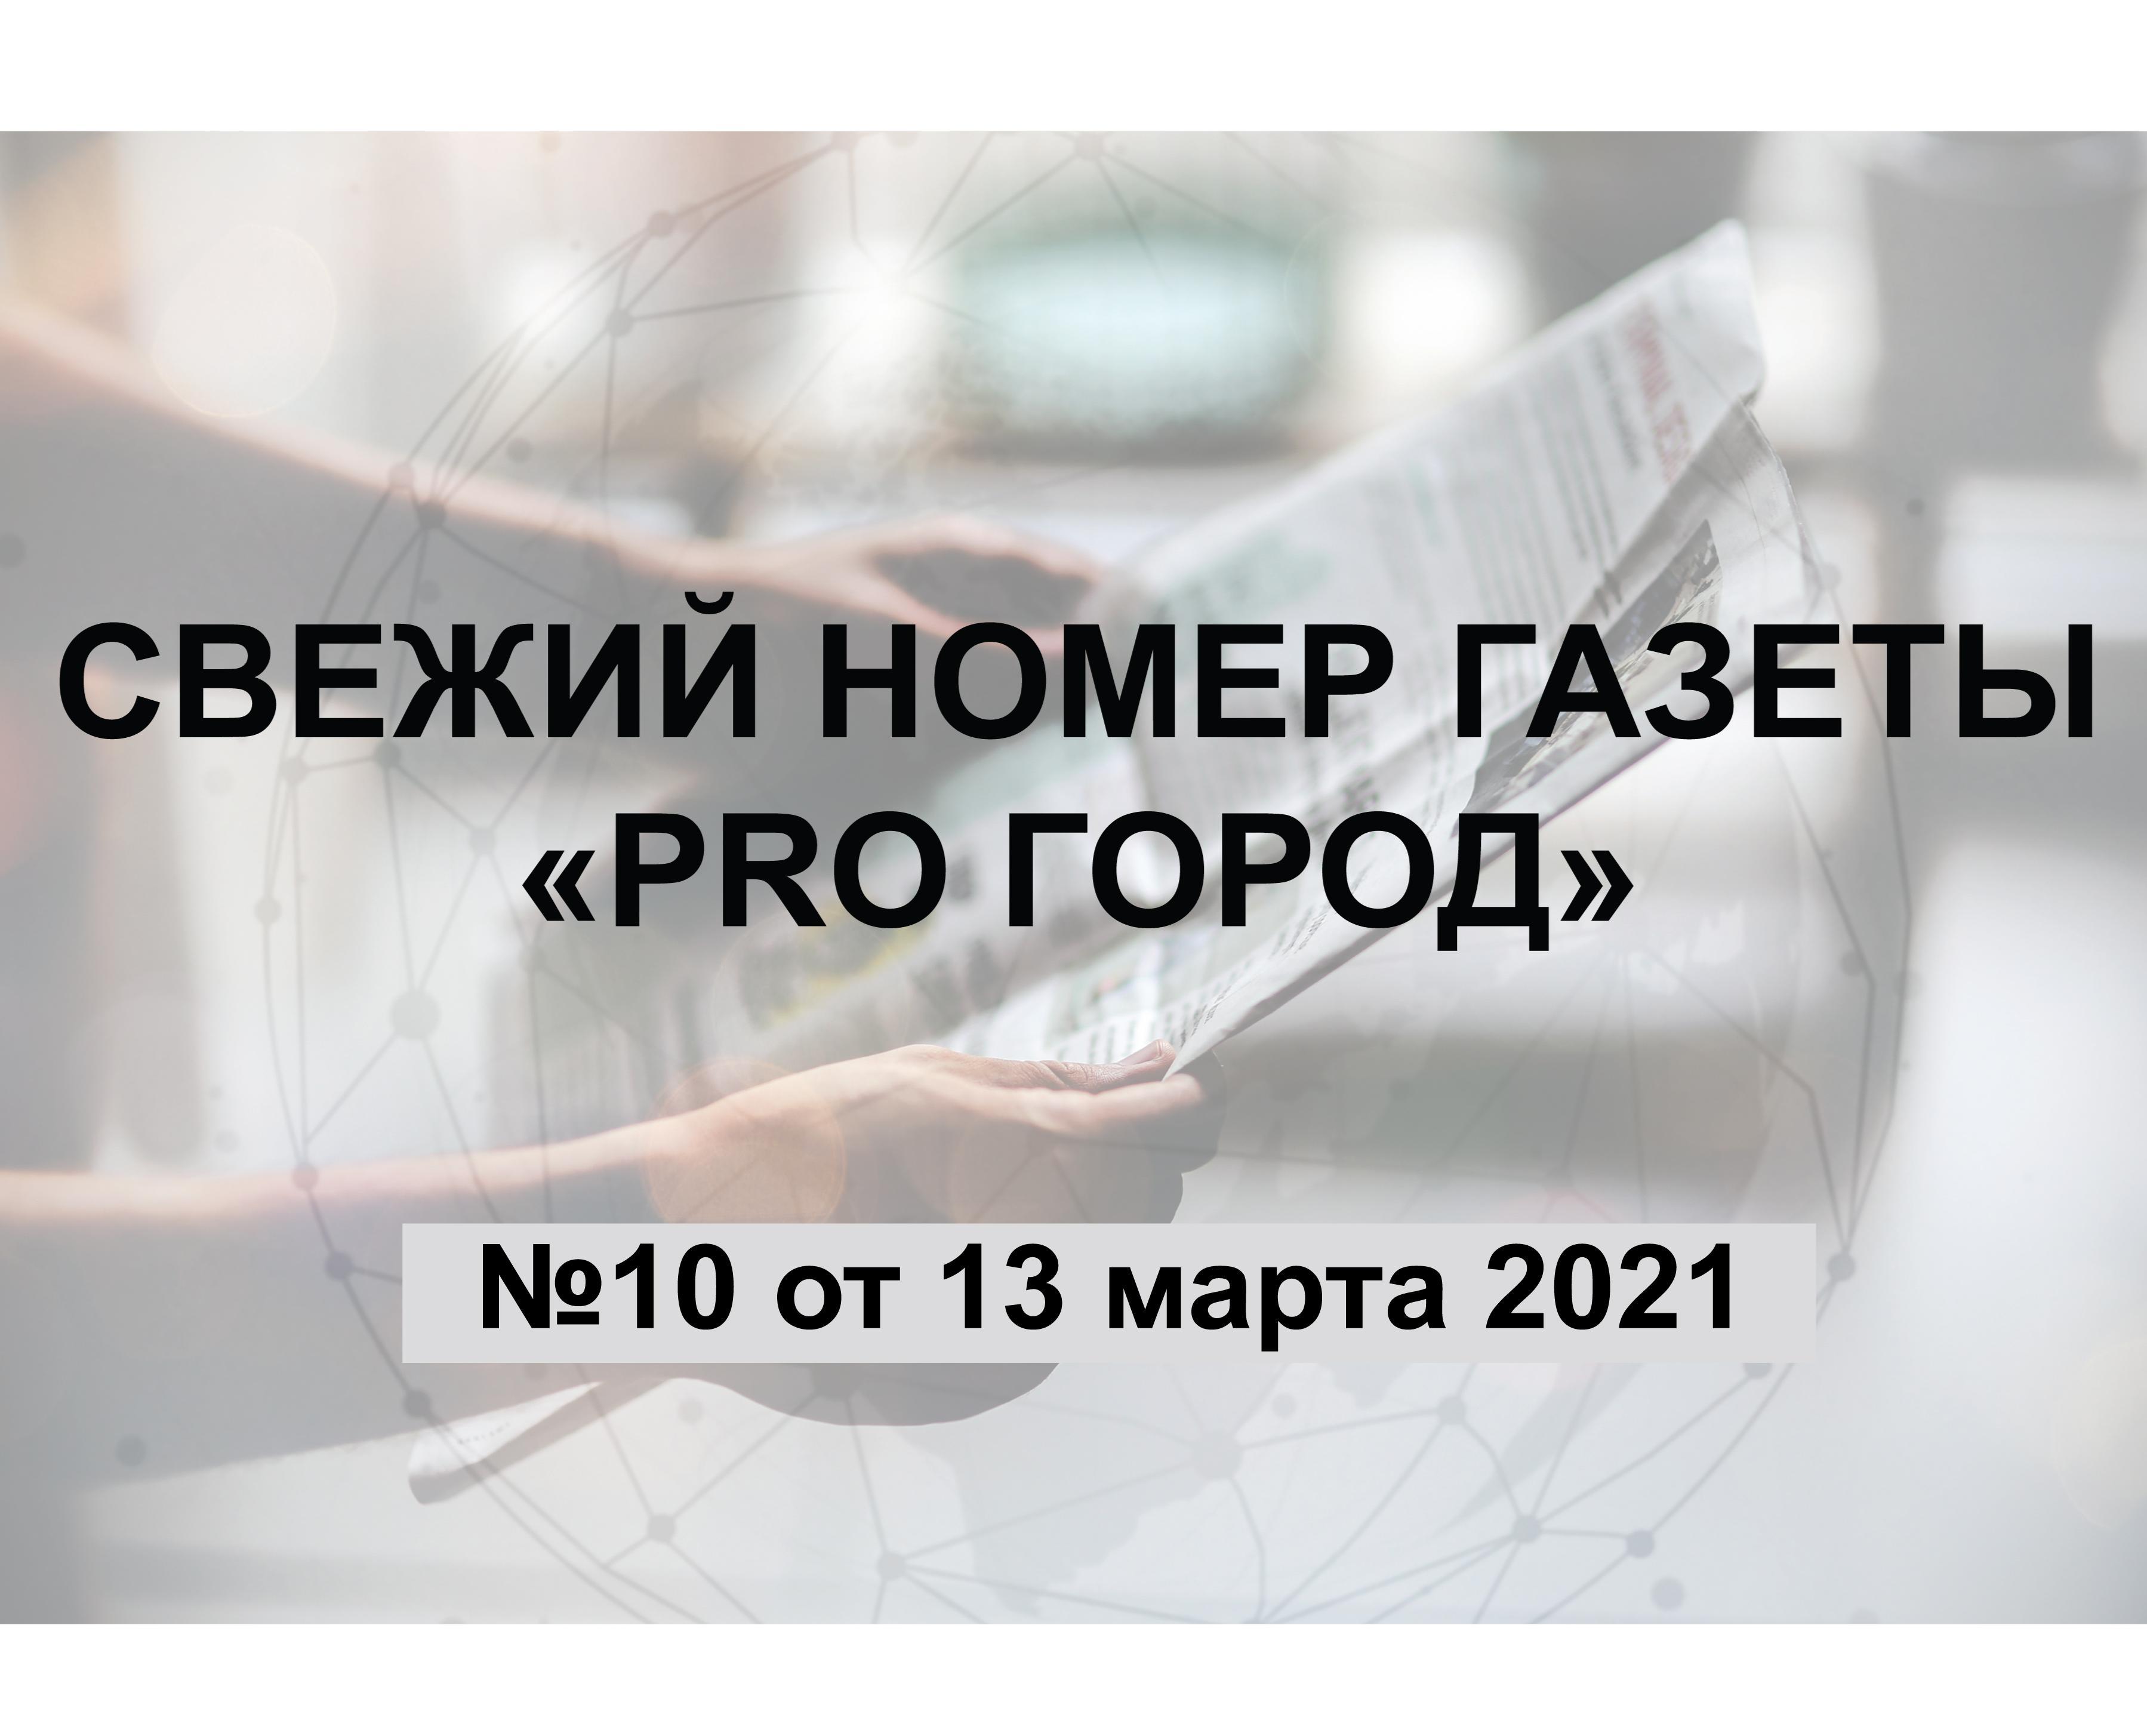 Газета «Pro Город Кирово-Чепецк» номер 10 от 13 марта 2021 года